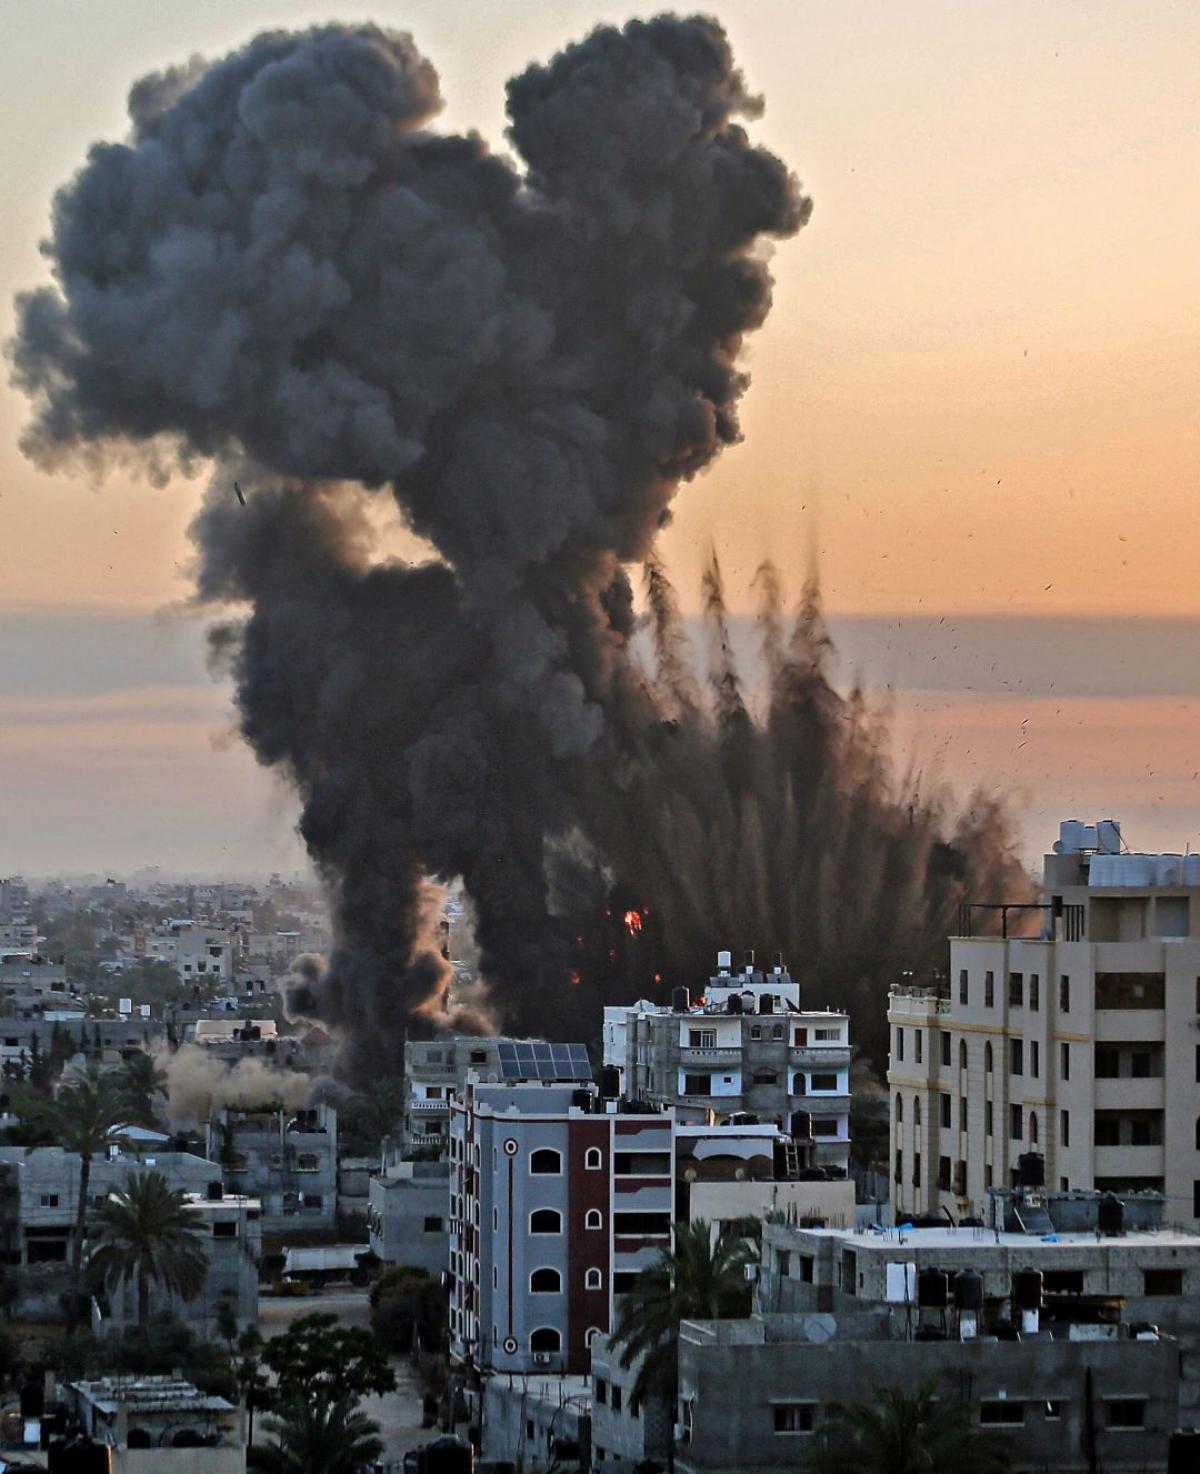 Ảnh: Khung cảnh hoang tàn sau hàng loạt cuộc không kích trả đũa của Israel ở dải Gaza - Ảnh 4.